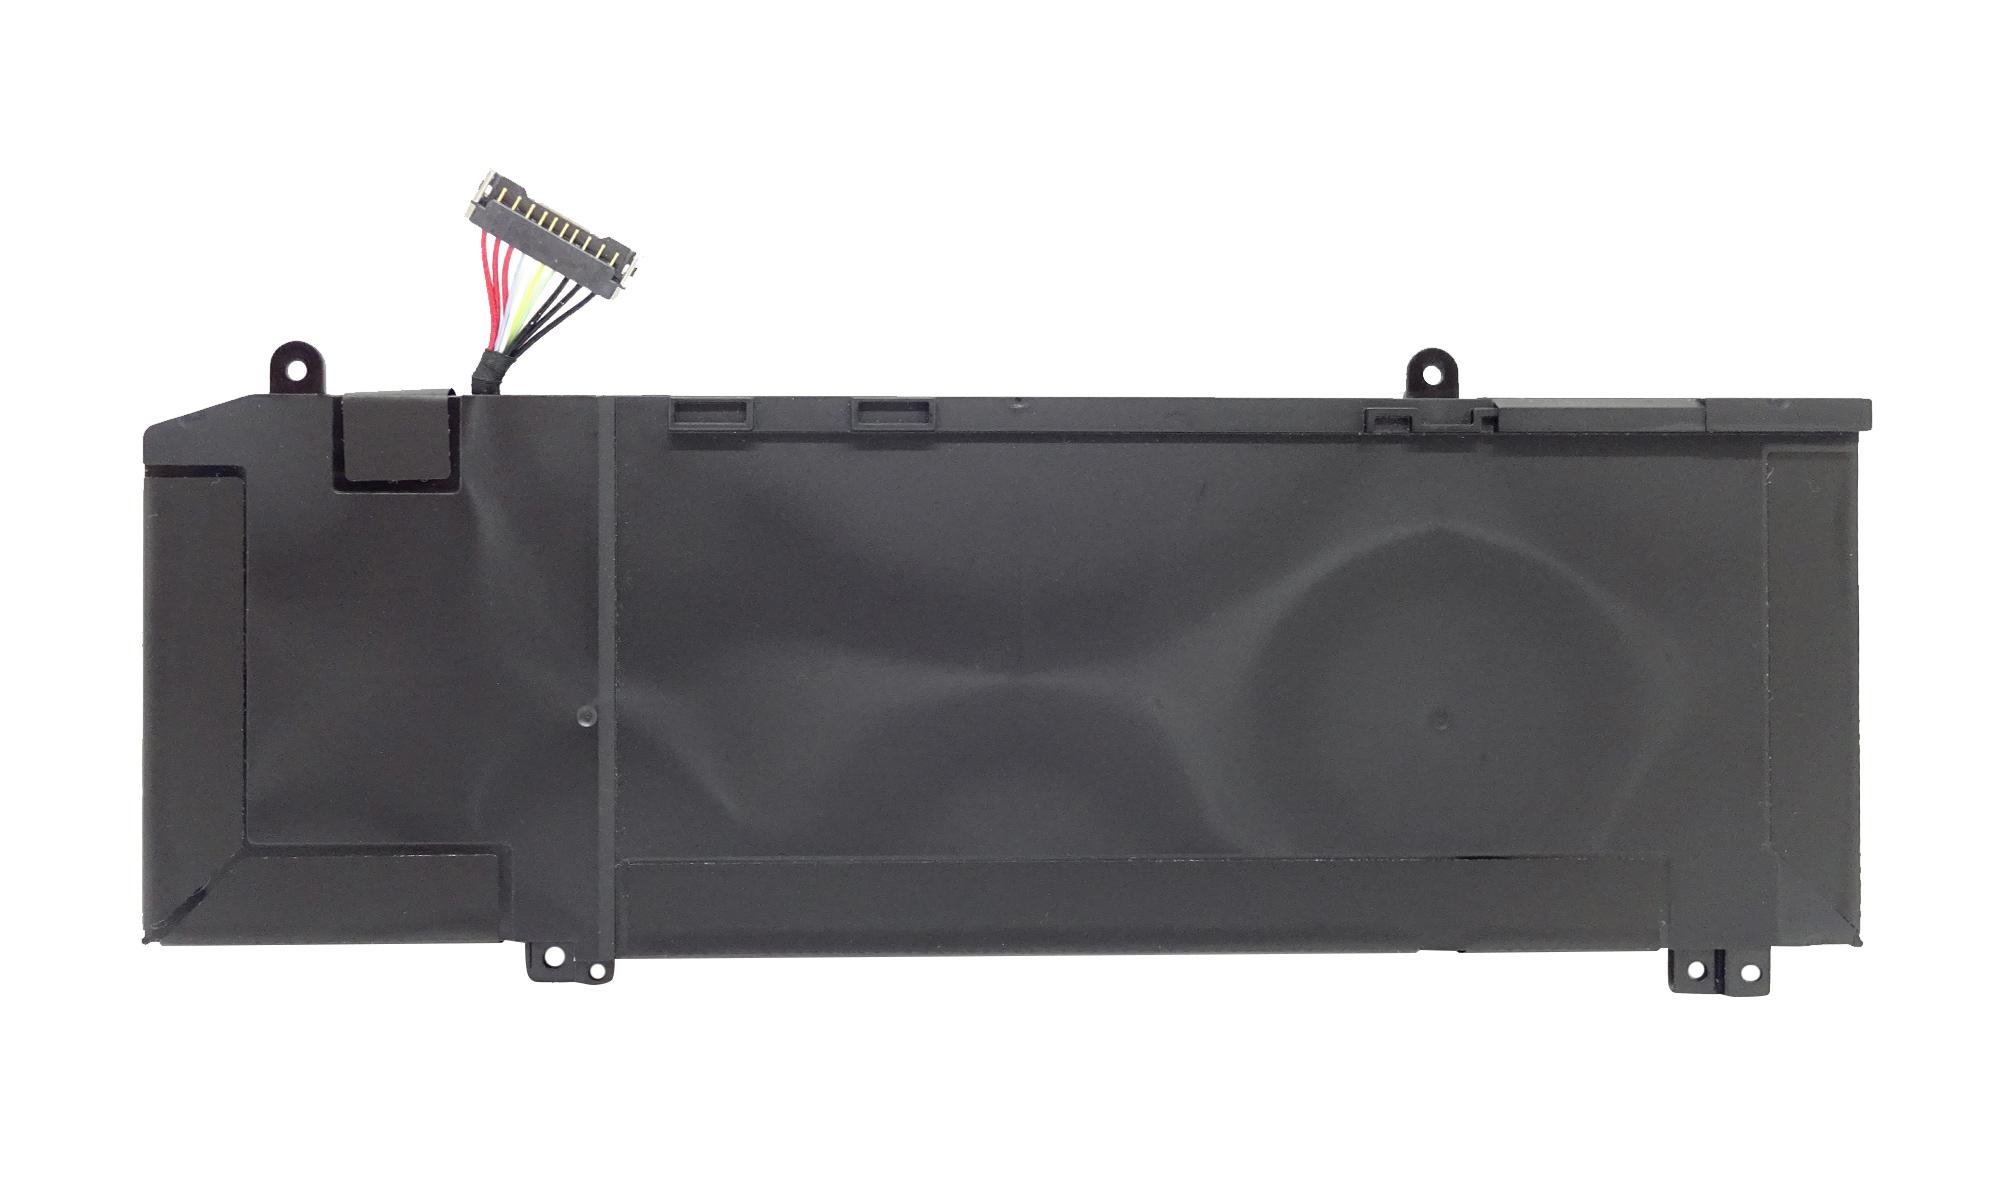 Baterie originala Dell G Series G5 5590, G Series G7 7590, 7790, 15.2V, 60Wh, 4 celule, model 1F22N